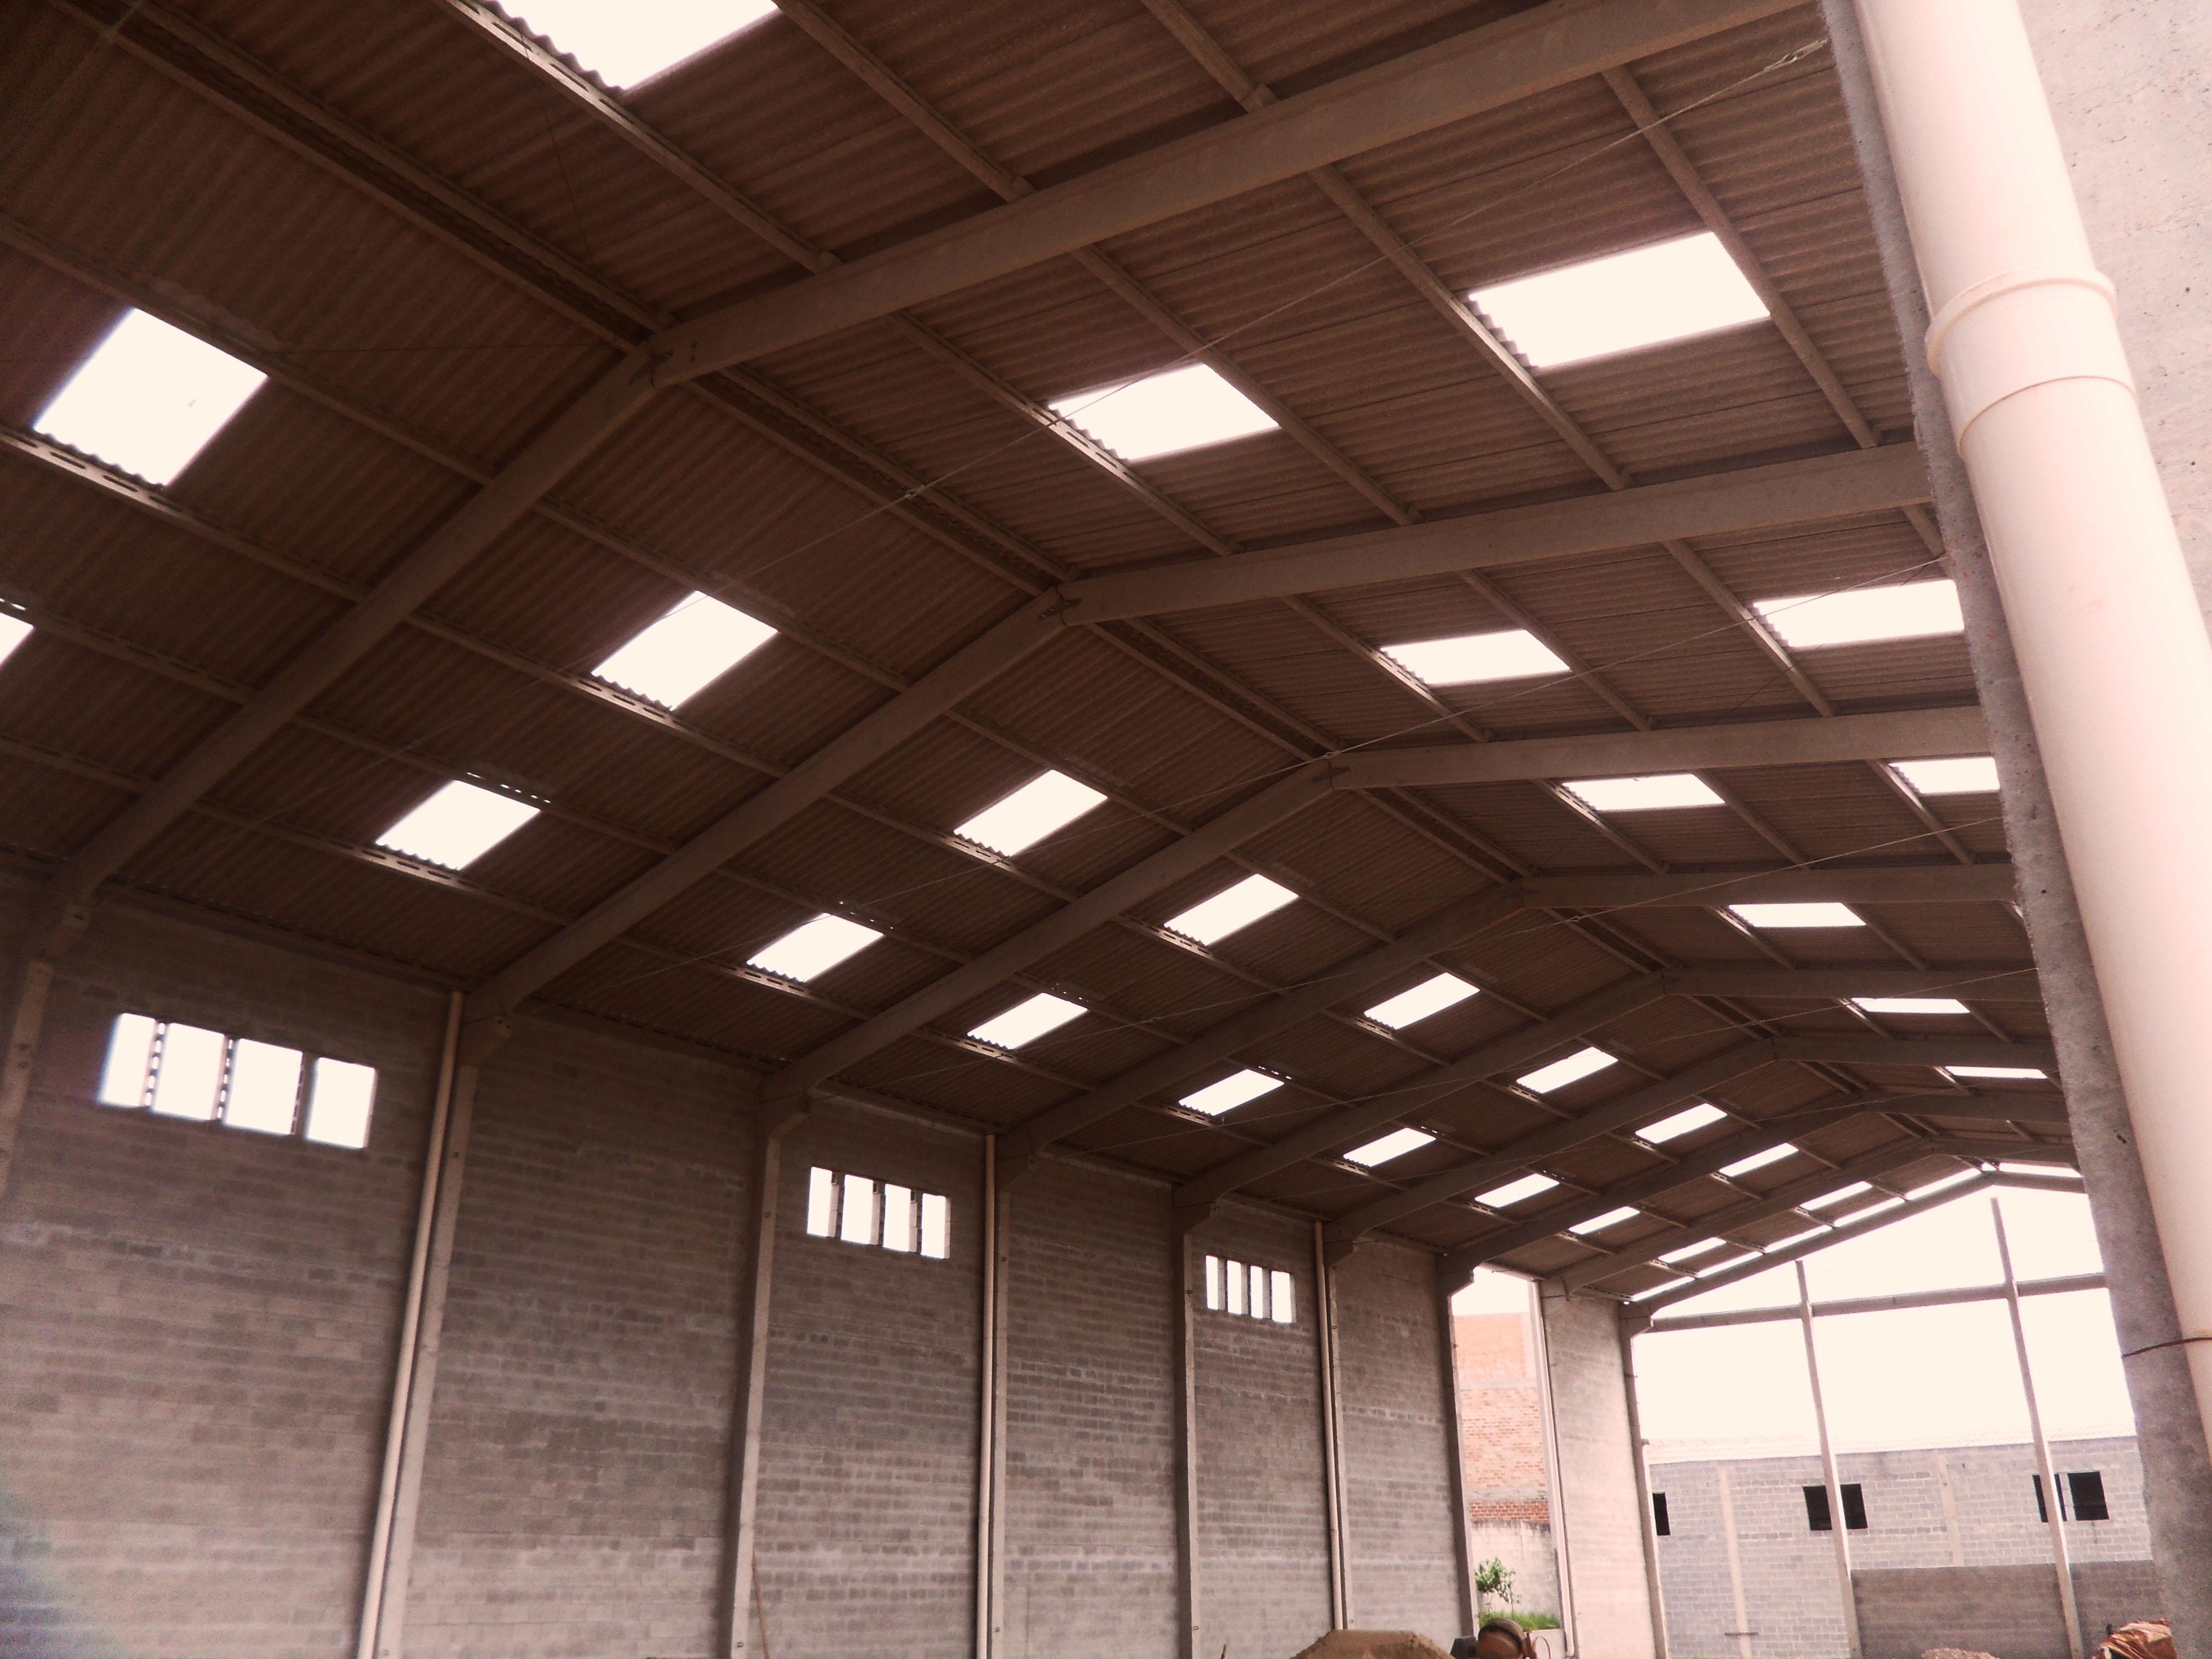 Cobertura para estruturas pré-moldadas e pré-fabricadas: descubra as opções!